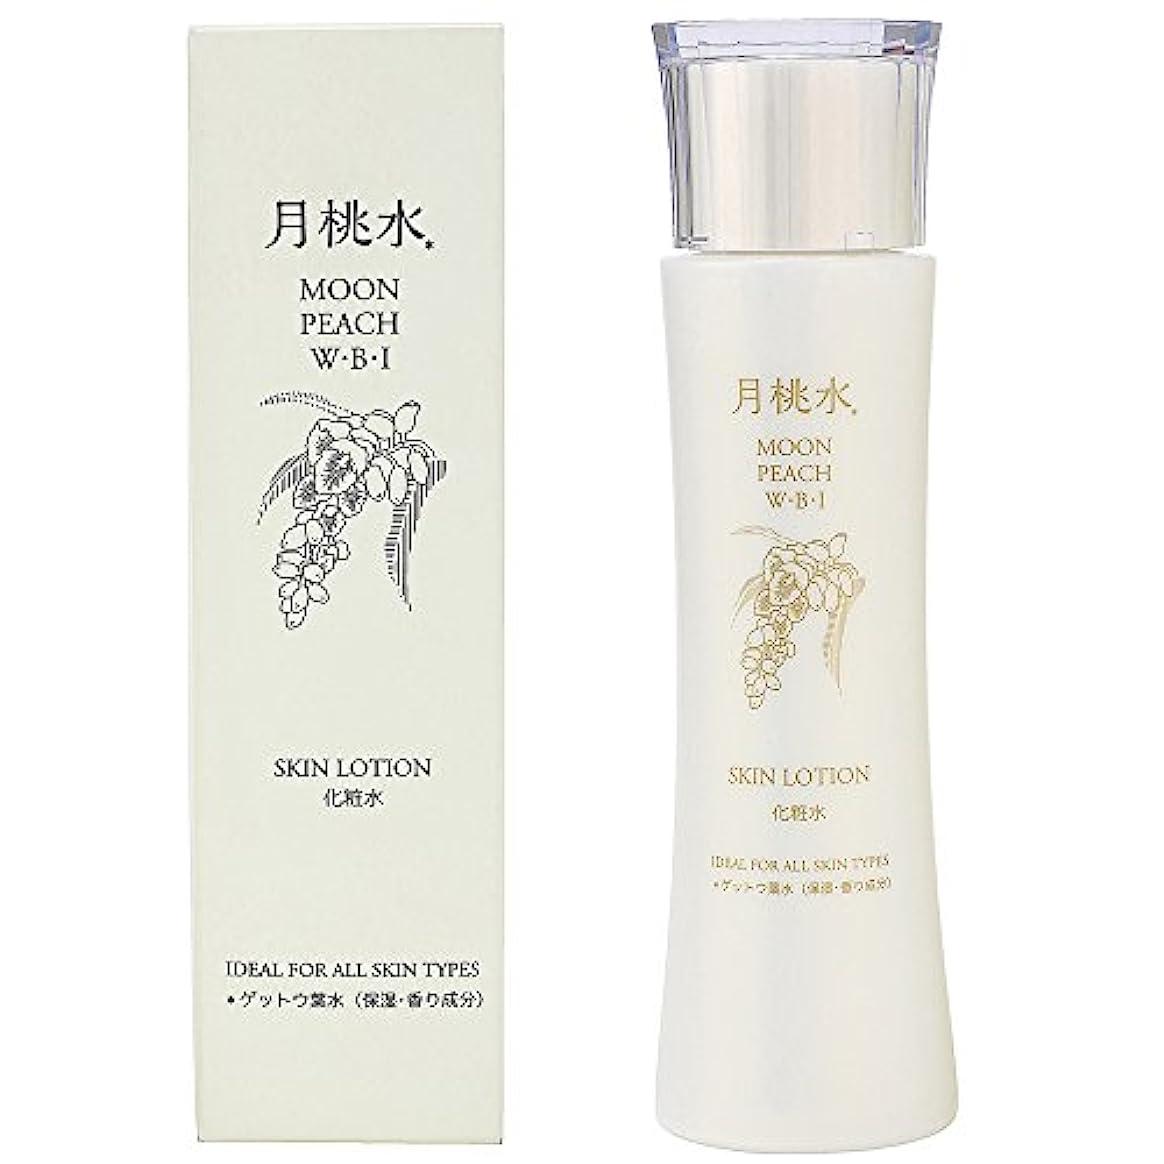 強度魅力引く化粧水 月桃水 無農薬栽培 MOON PEACH 200ml 敏感肌